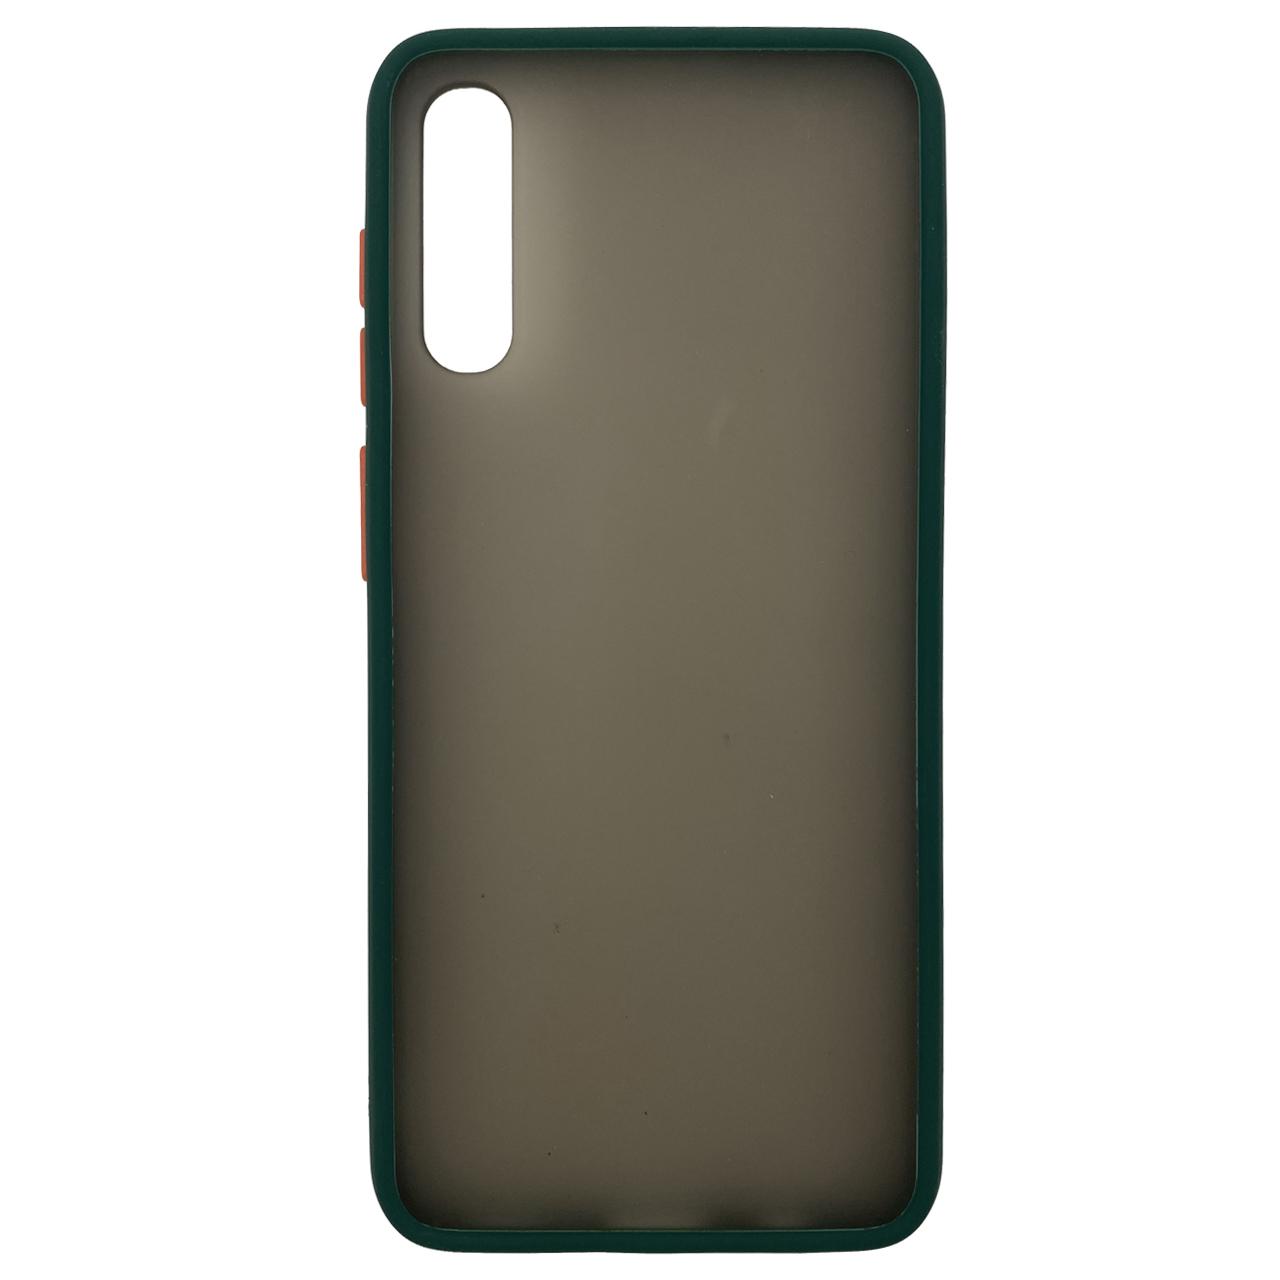 کاور مدل MTT مناسب برای گوشی موبایل سامسونگ Galaxy A50 / A50s / A30s